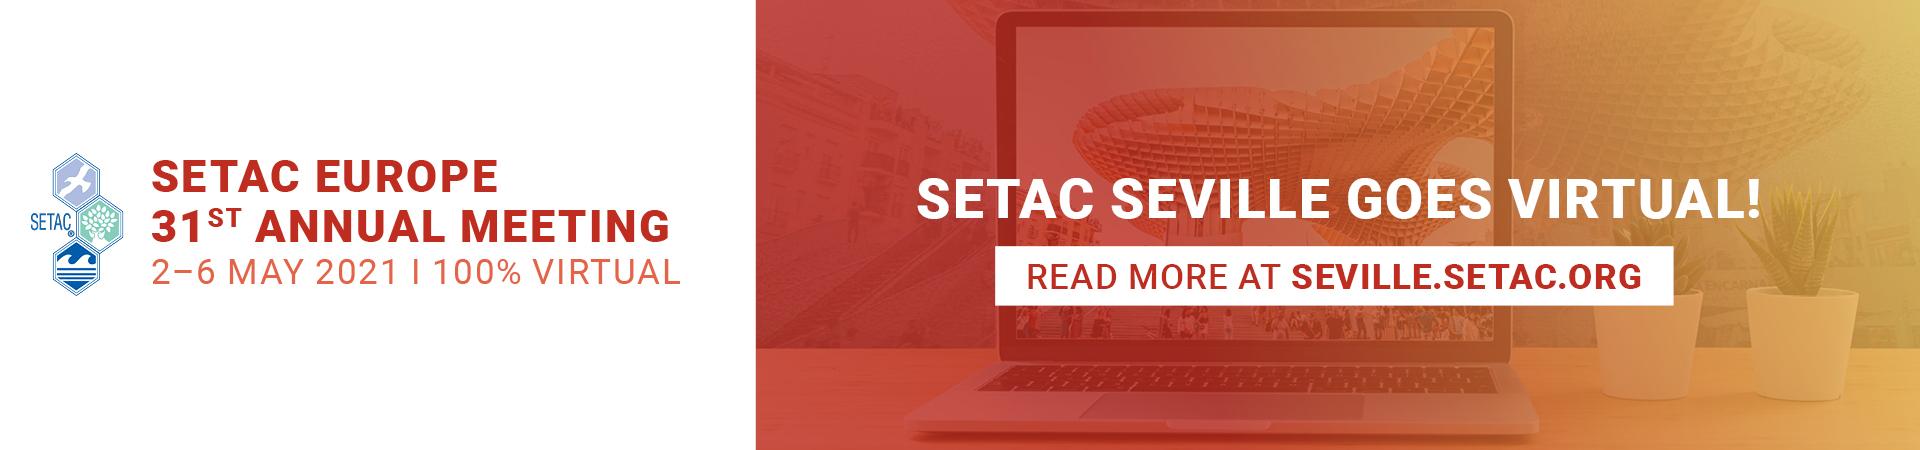 SETAC Seville